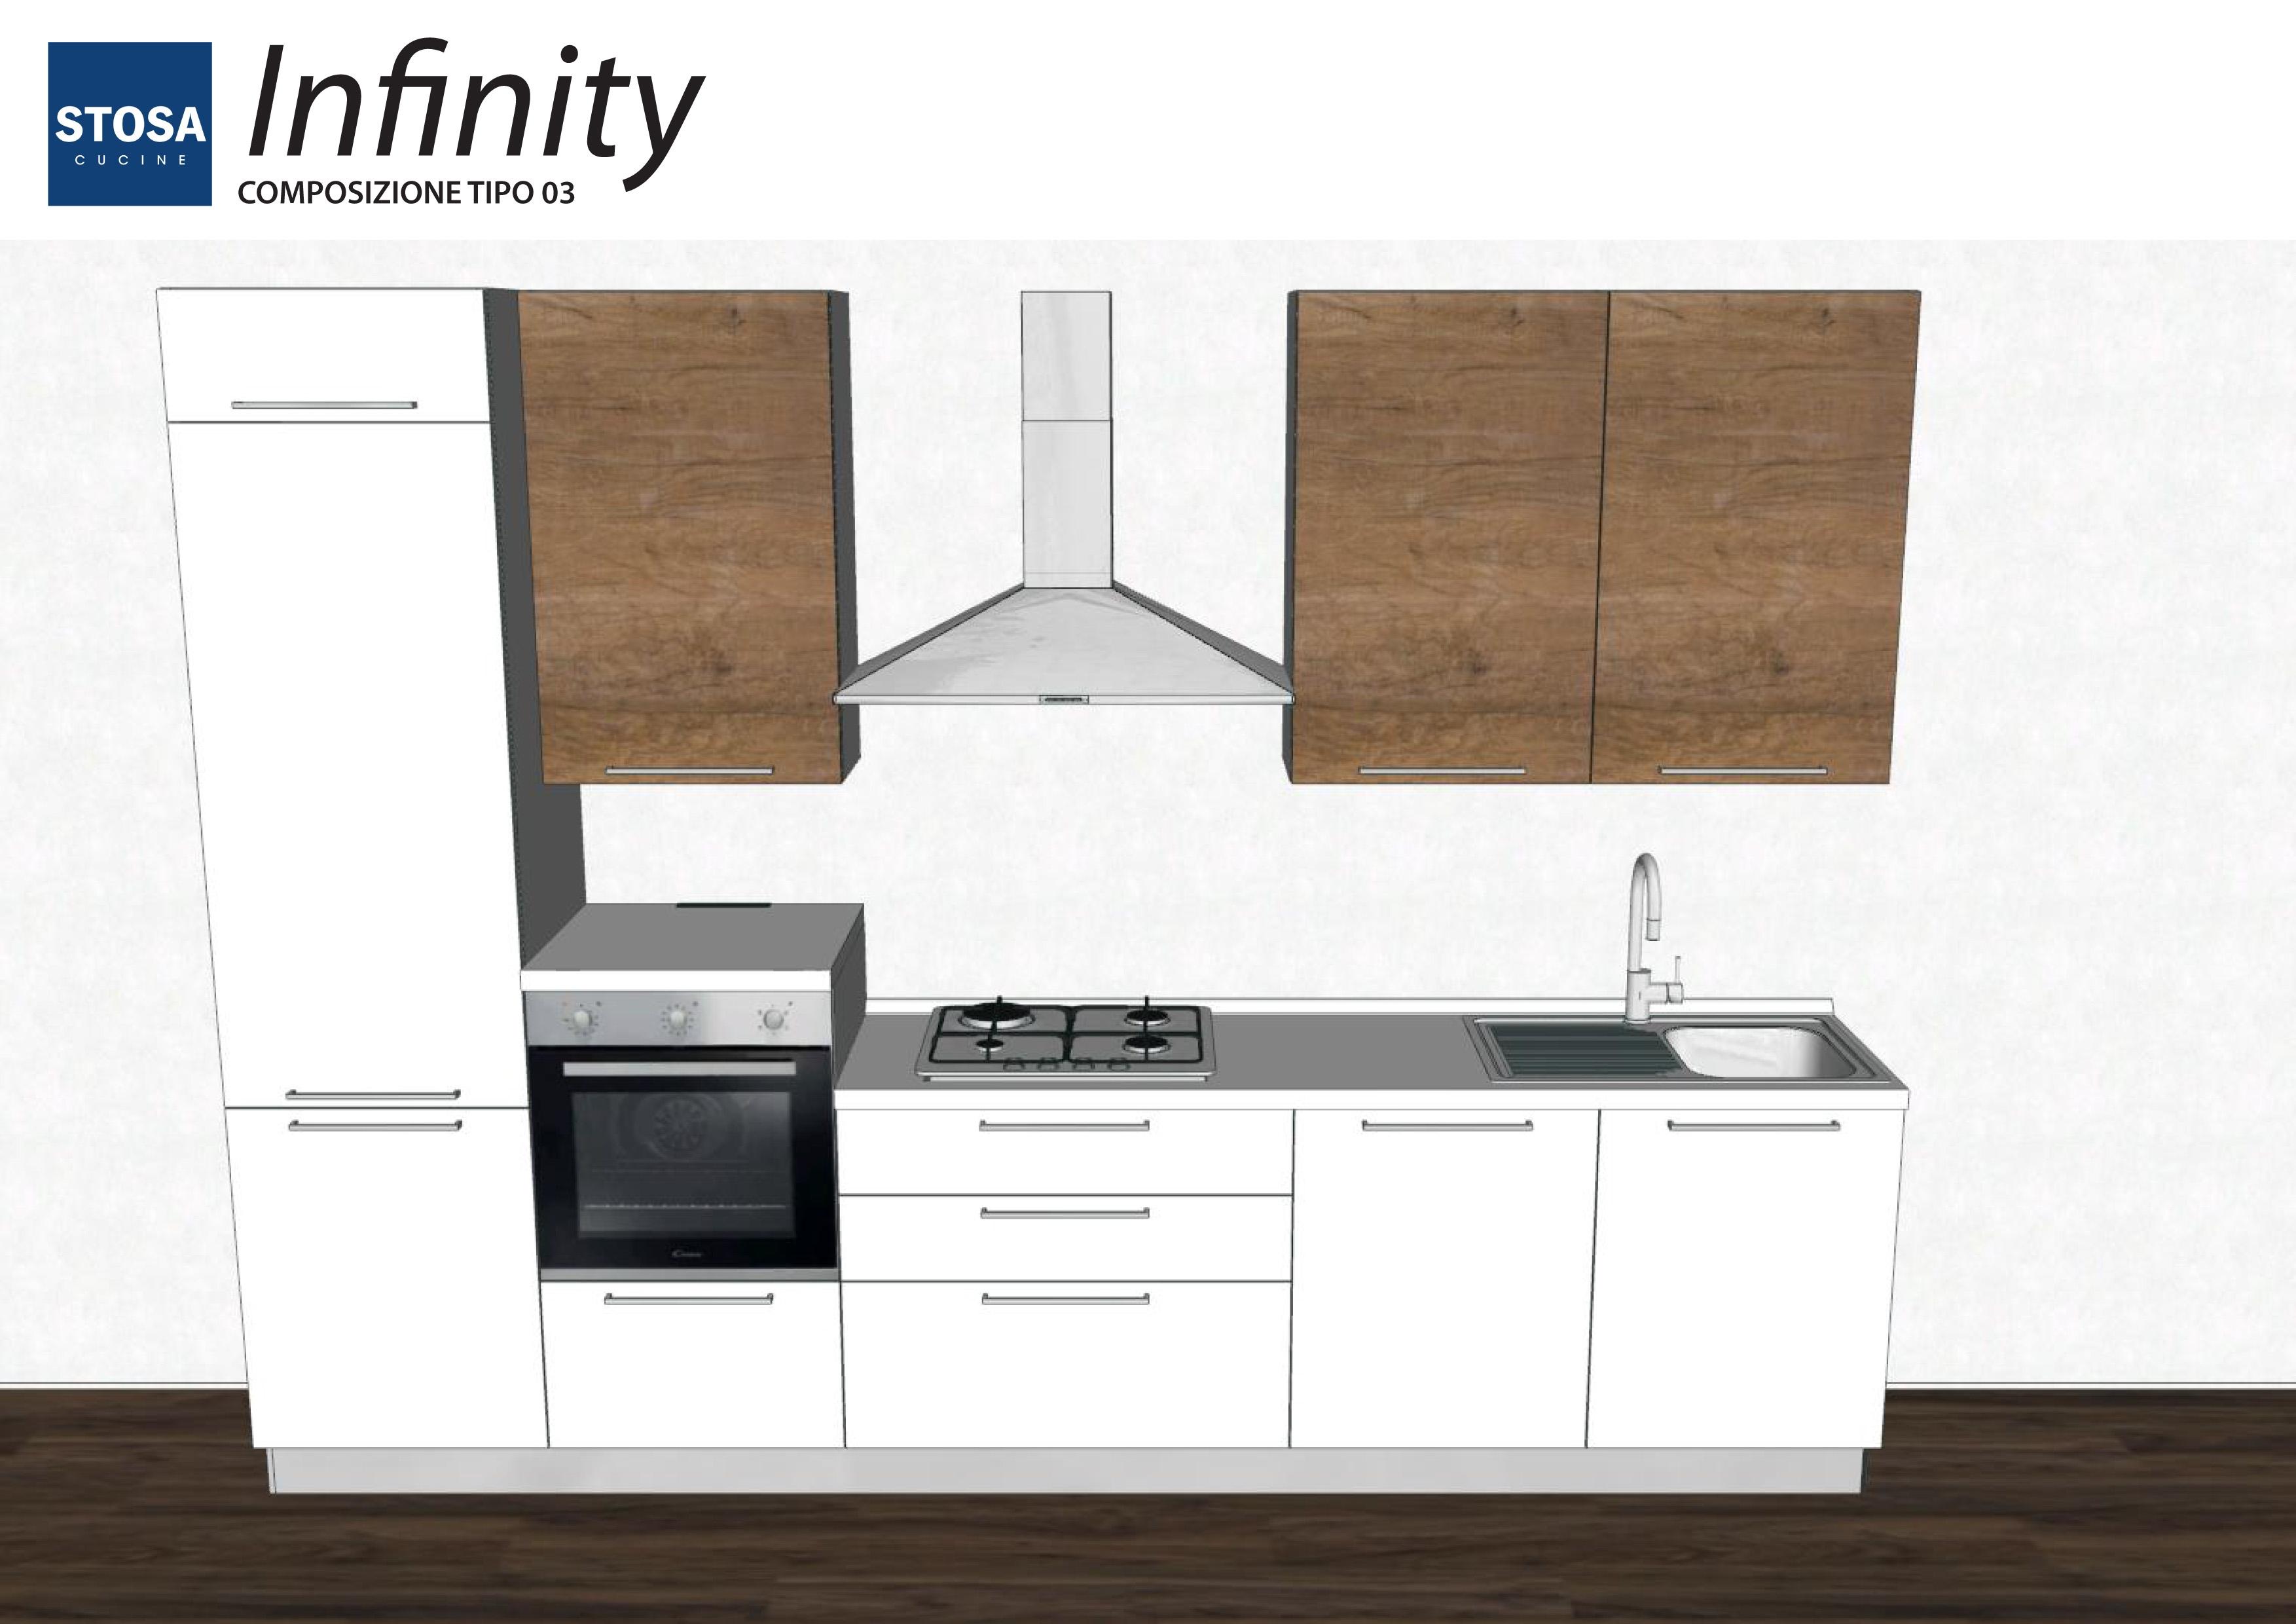 Stosa cucine infinity bloccata cucine a prezzi scontati - Cucine stosa opinioni ...